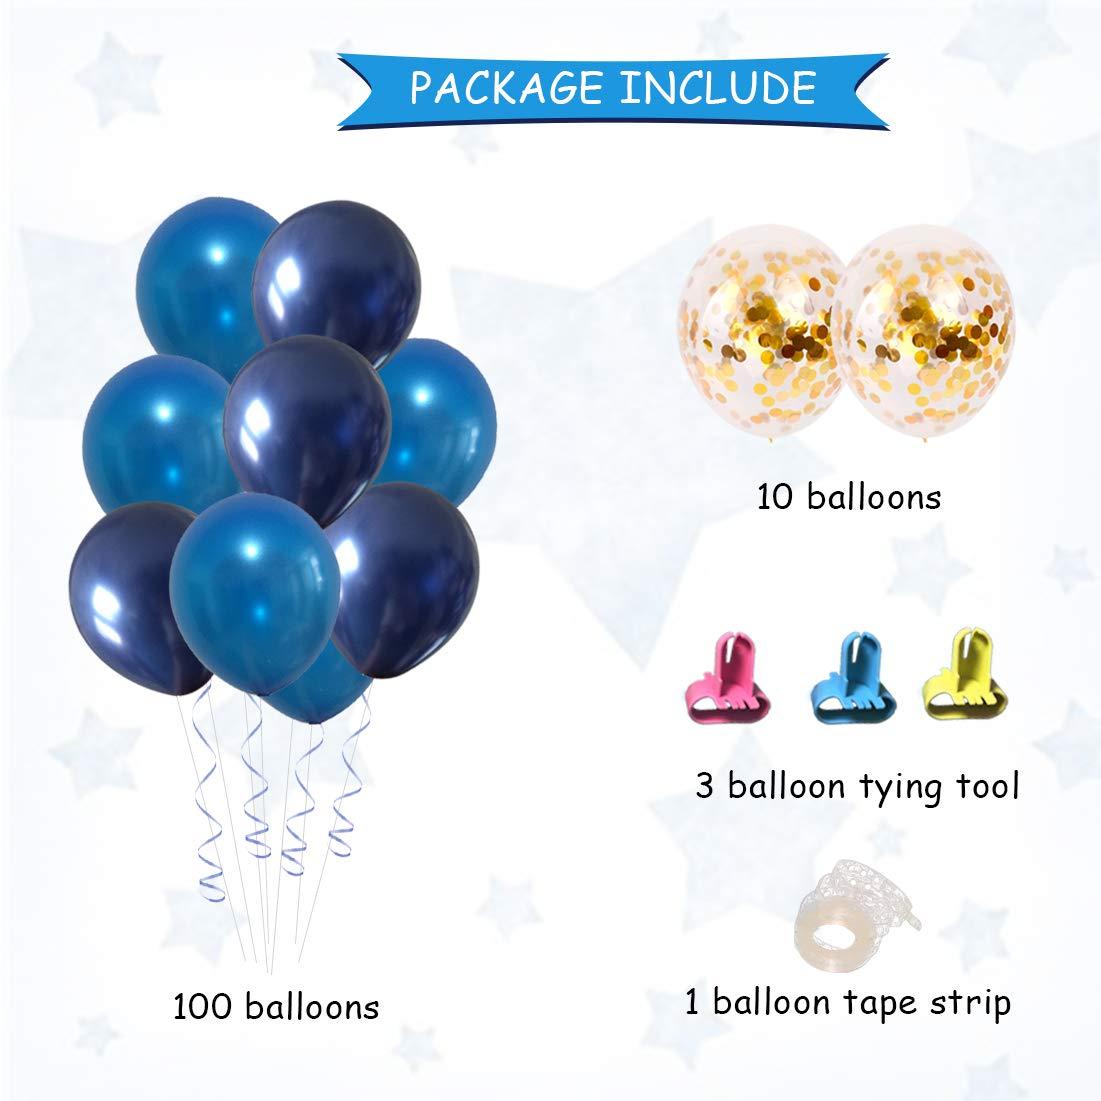 festa di compleanno 110 pezzi di palloncini in lattice blu set con palloncino legando strumento e striscia di nastro per baby shower